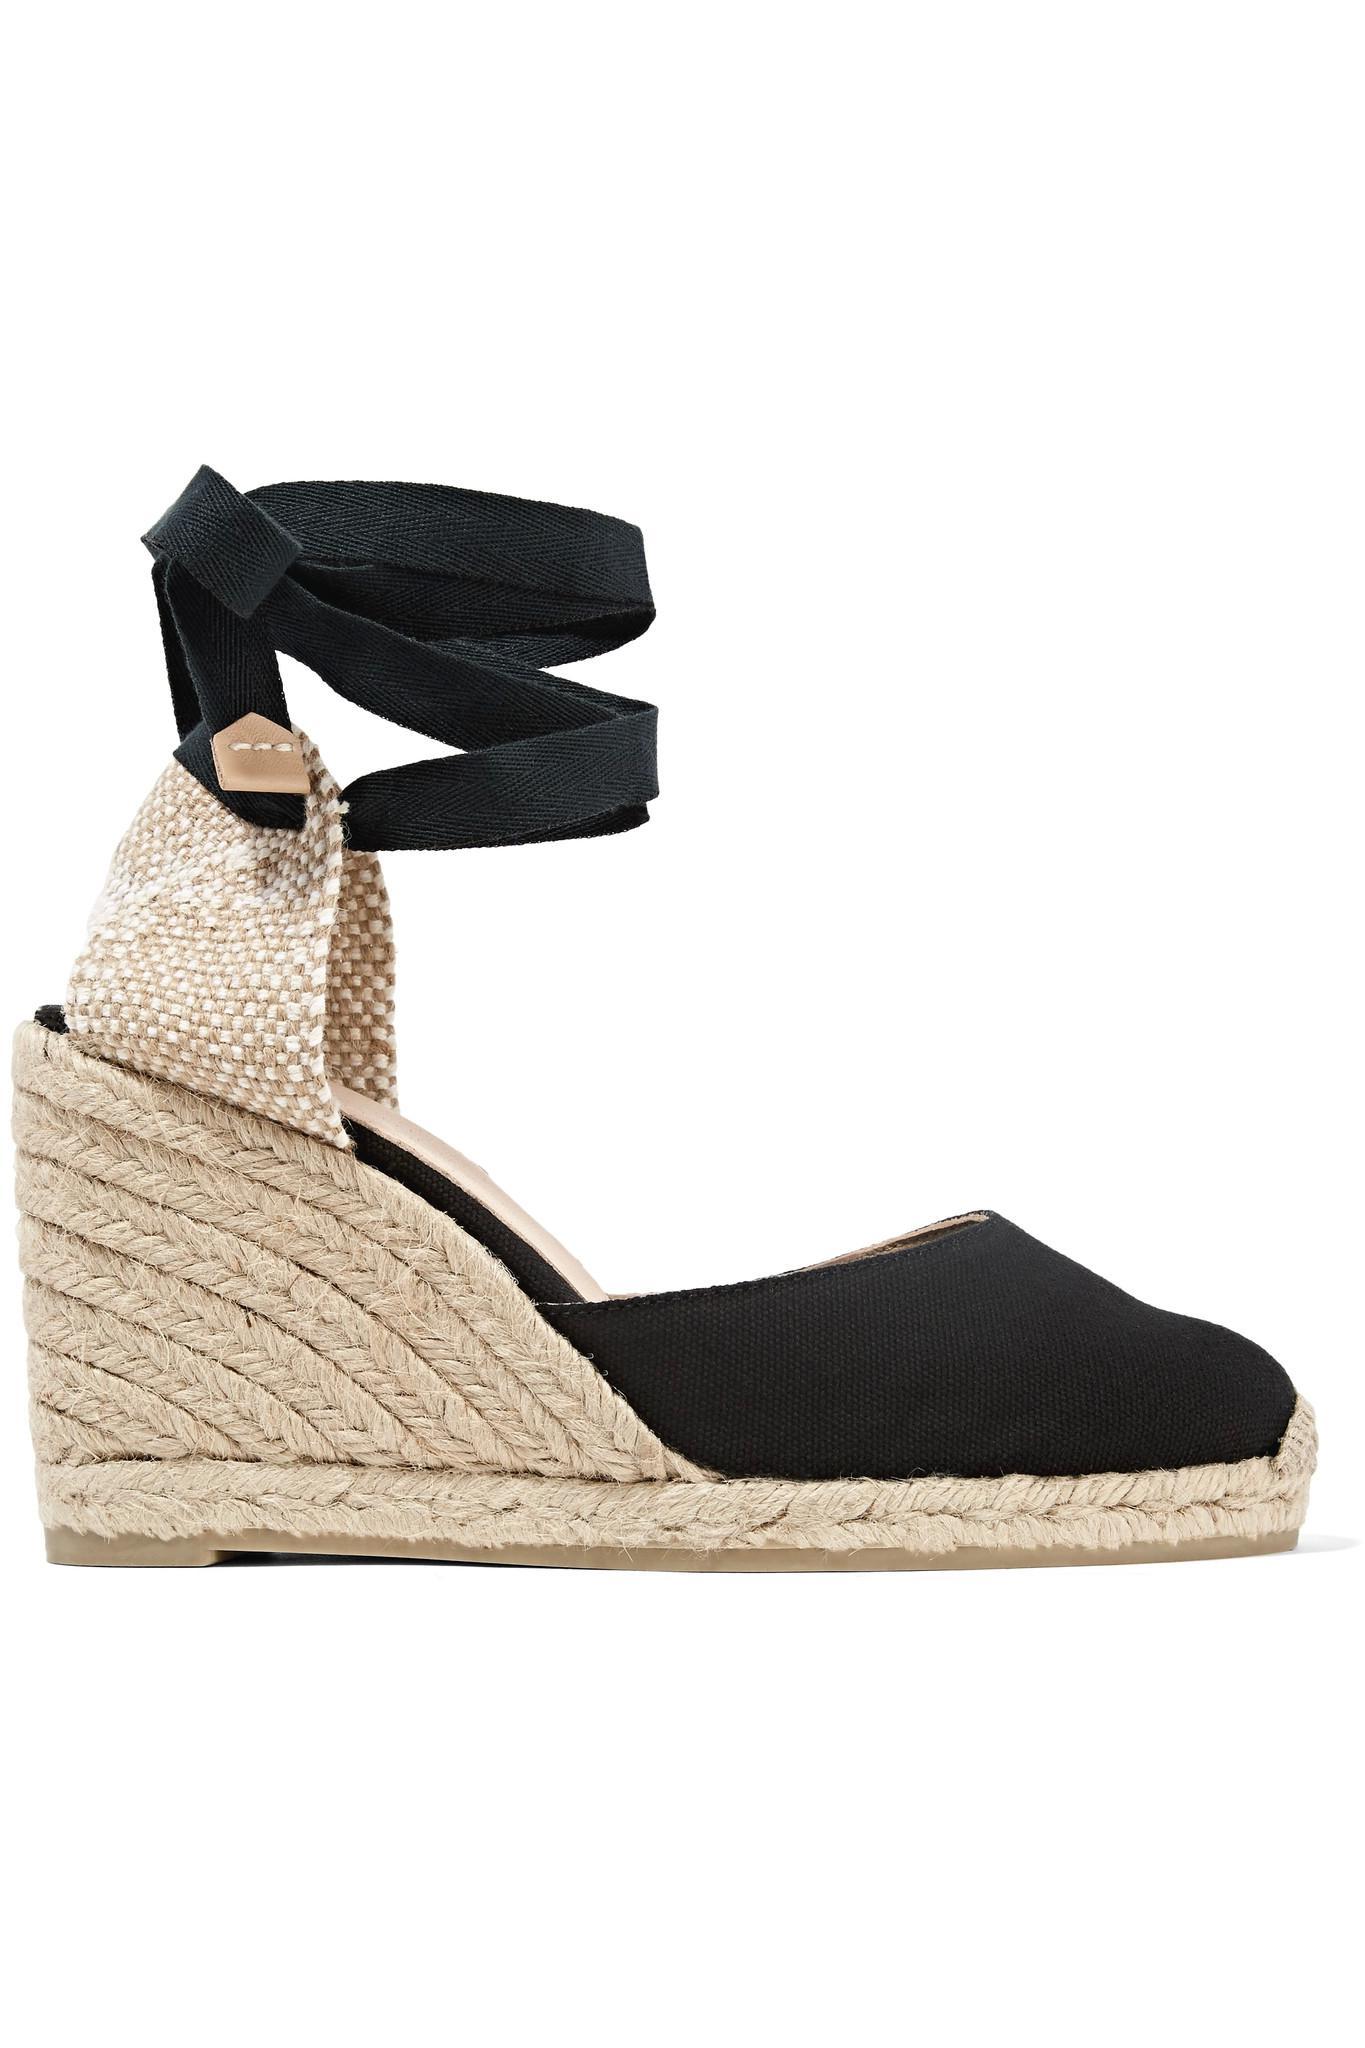 Buy Wedge Shoes Uk